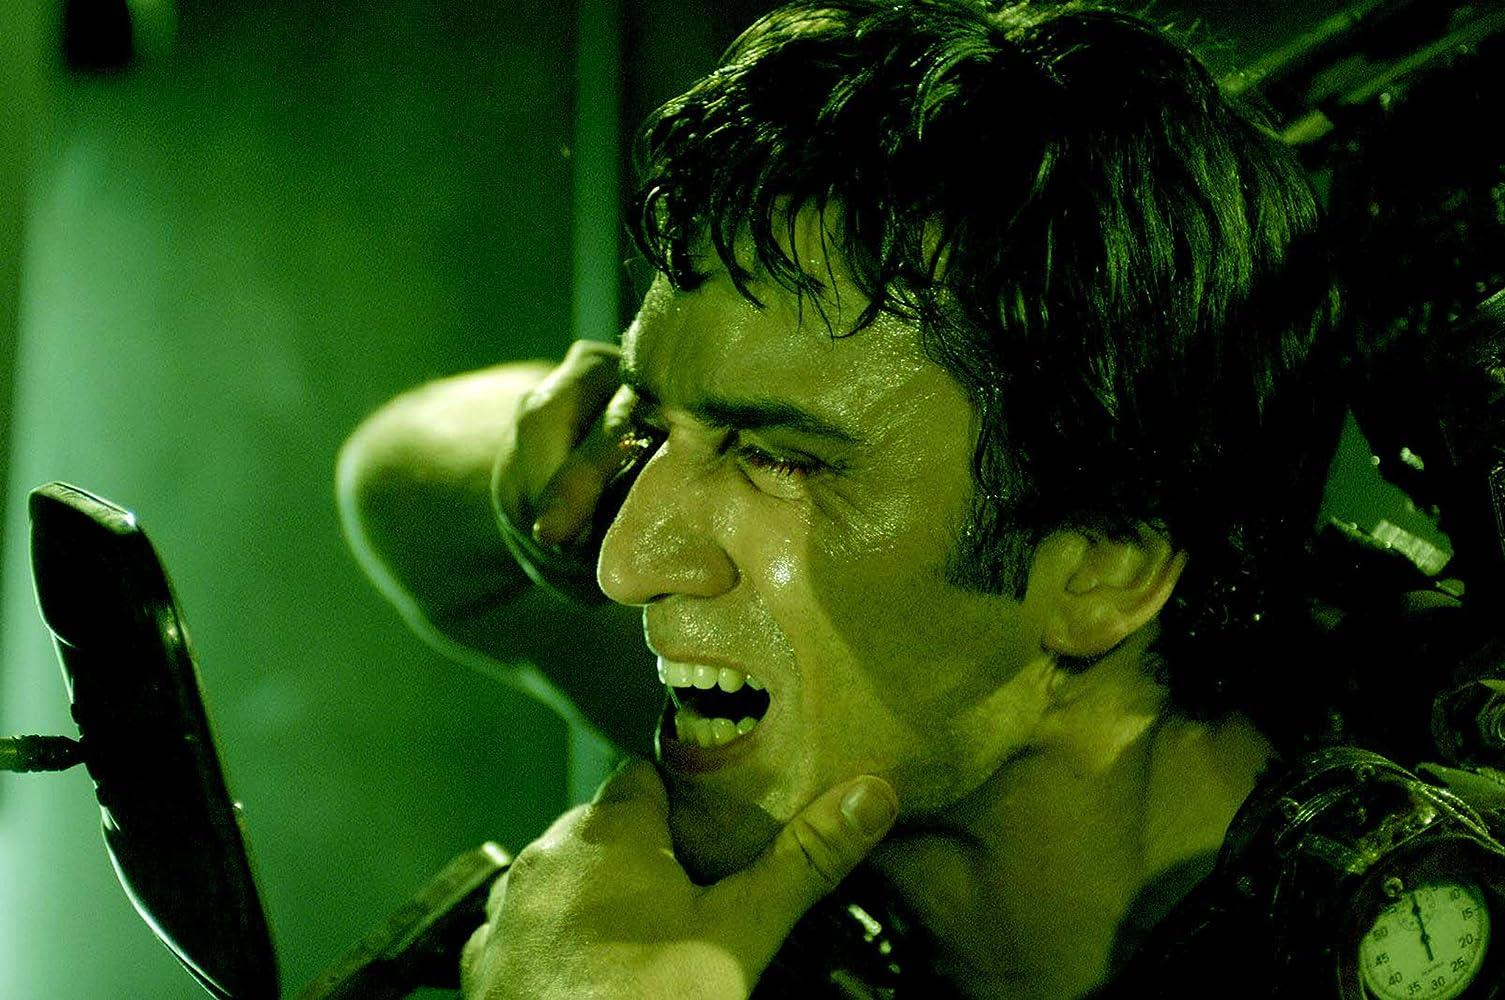 Noam Jenkins in Saw II (2005)